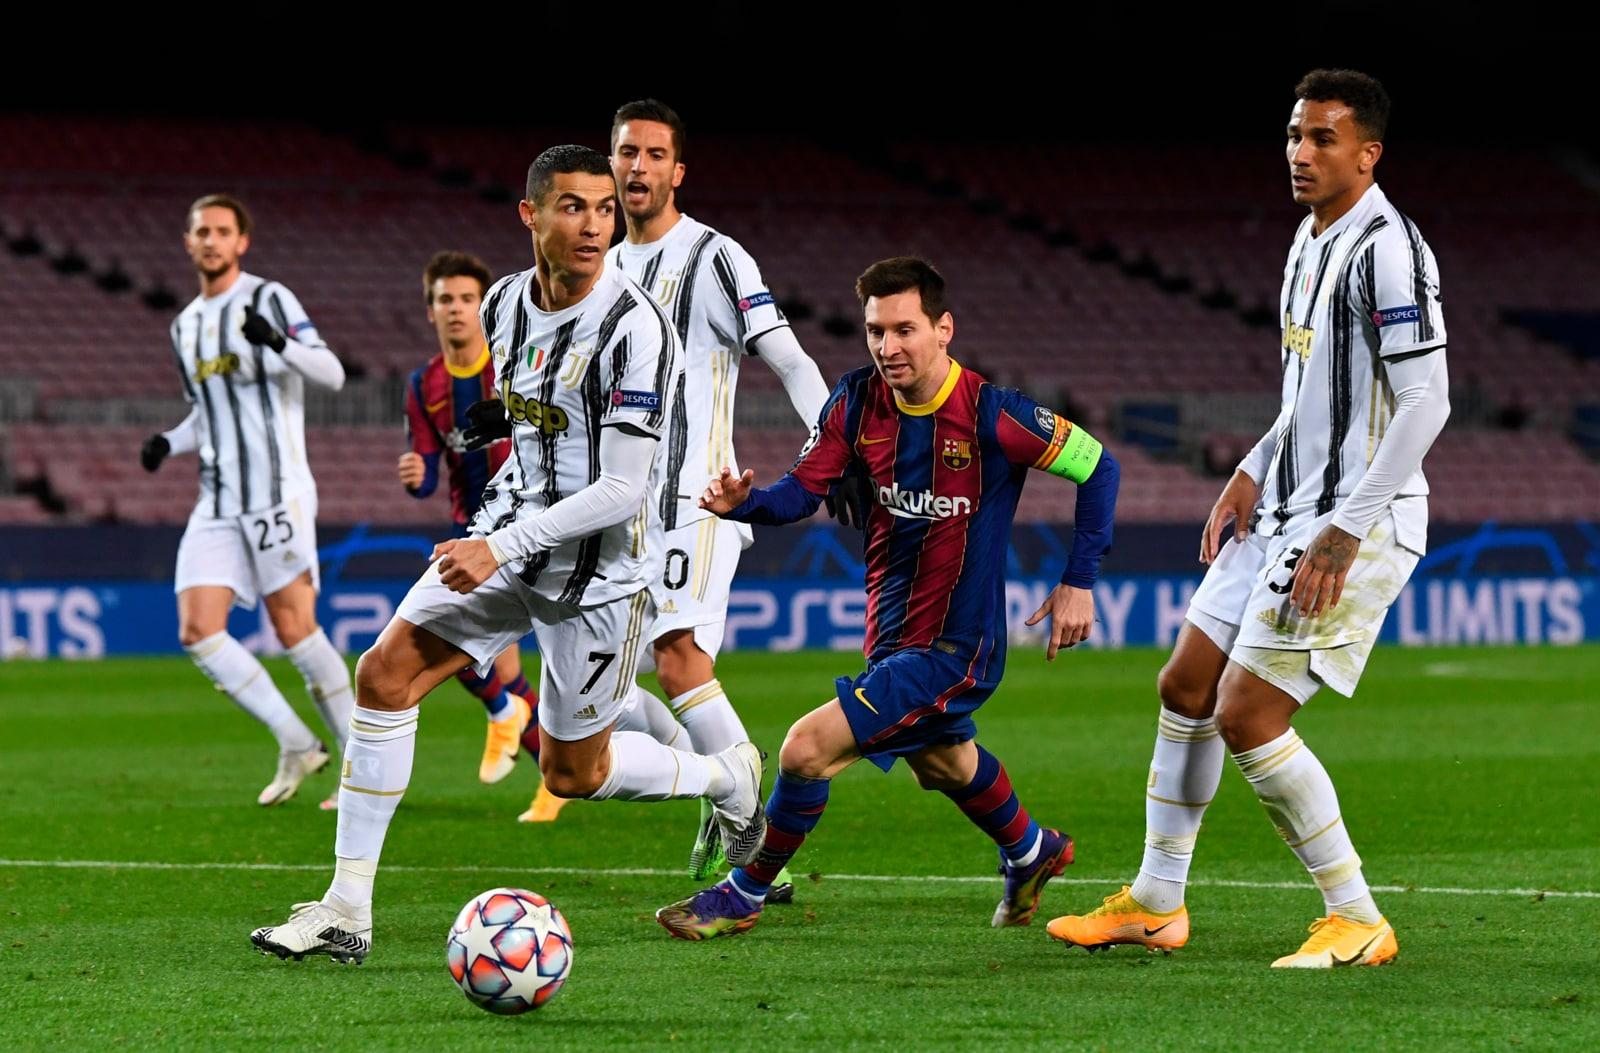 Ronaldo strappa palla a Messi: ecco la coda